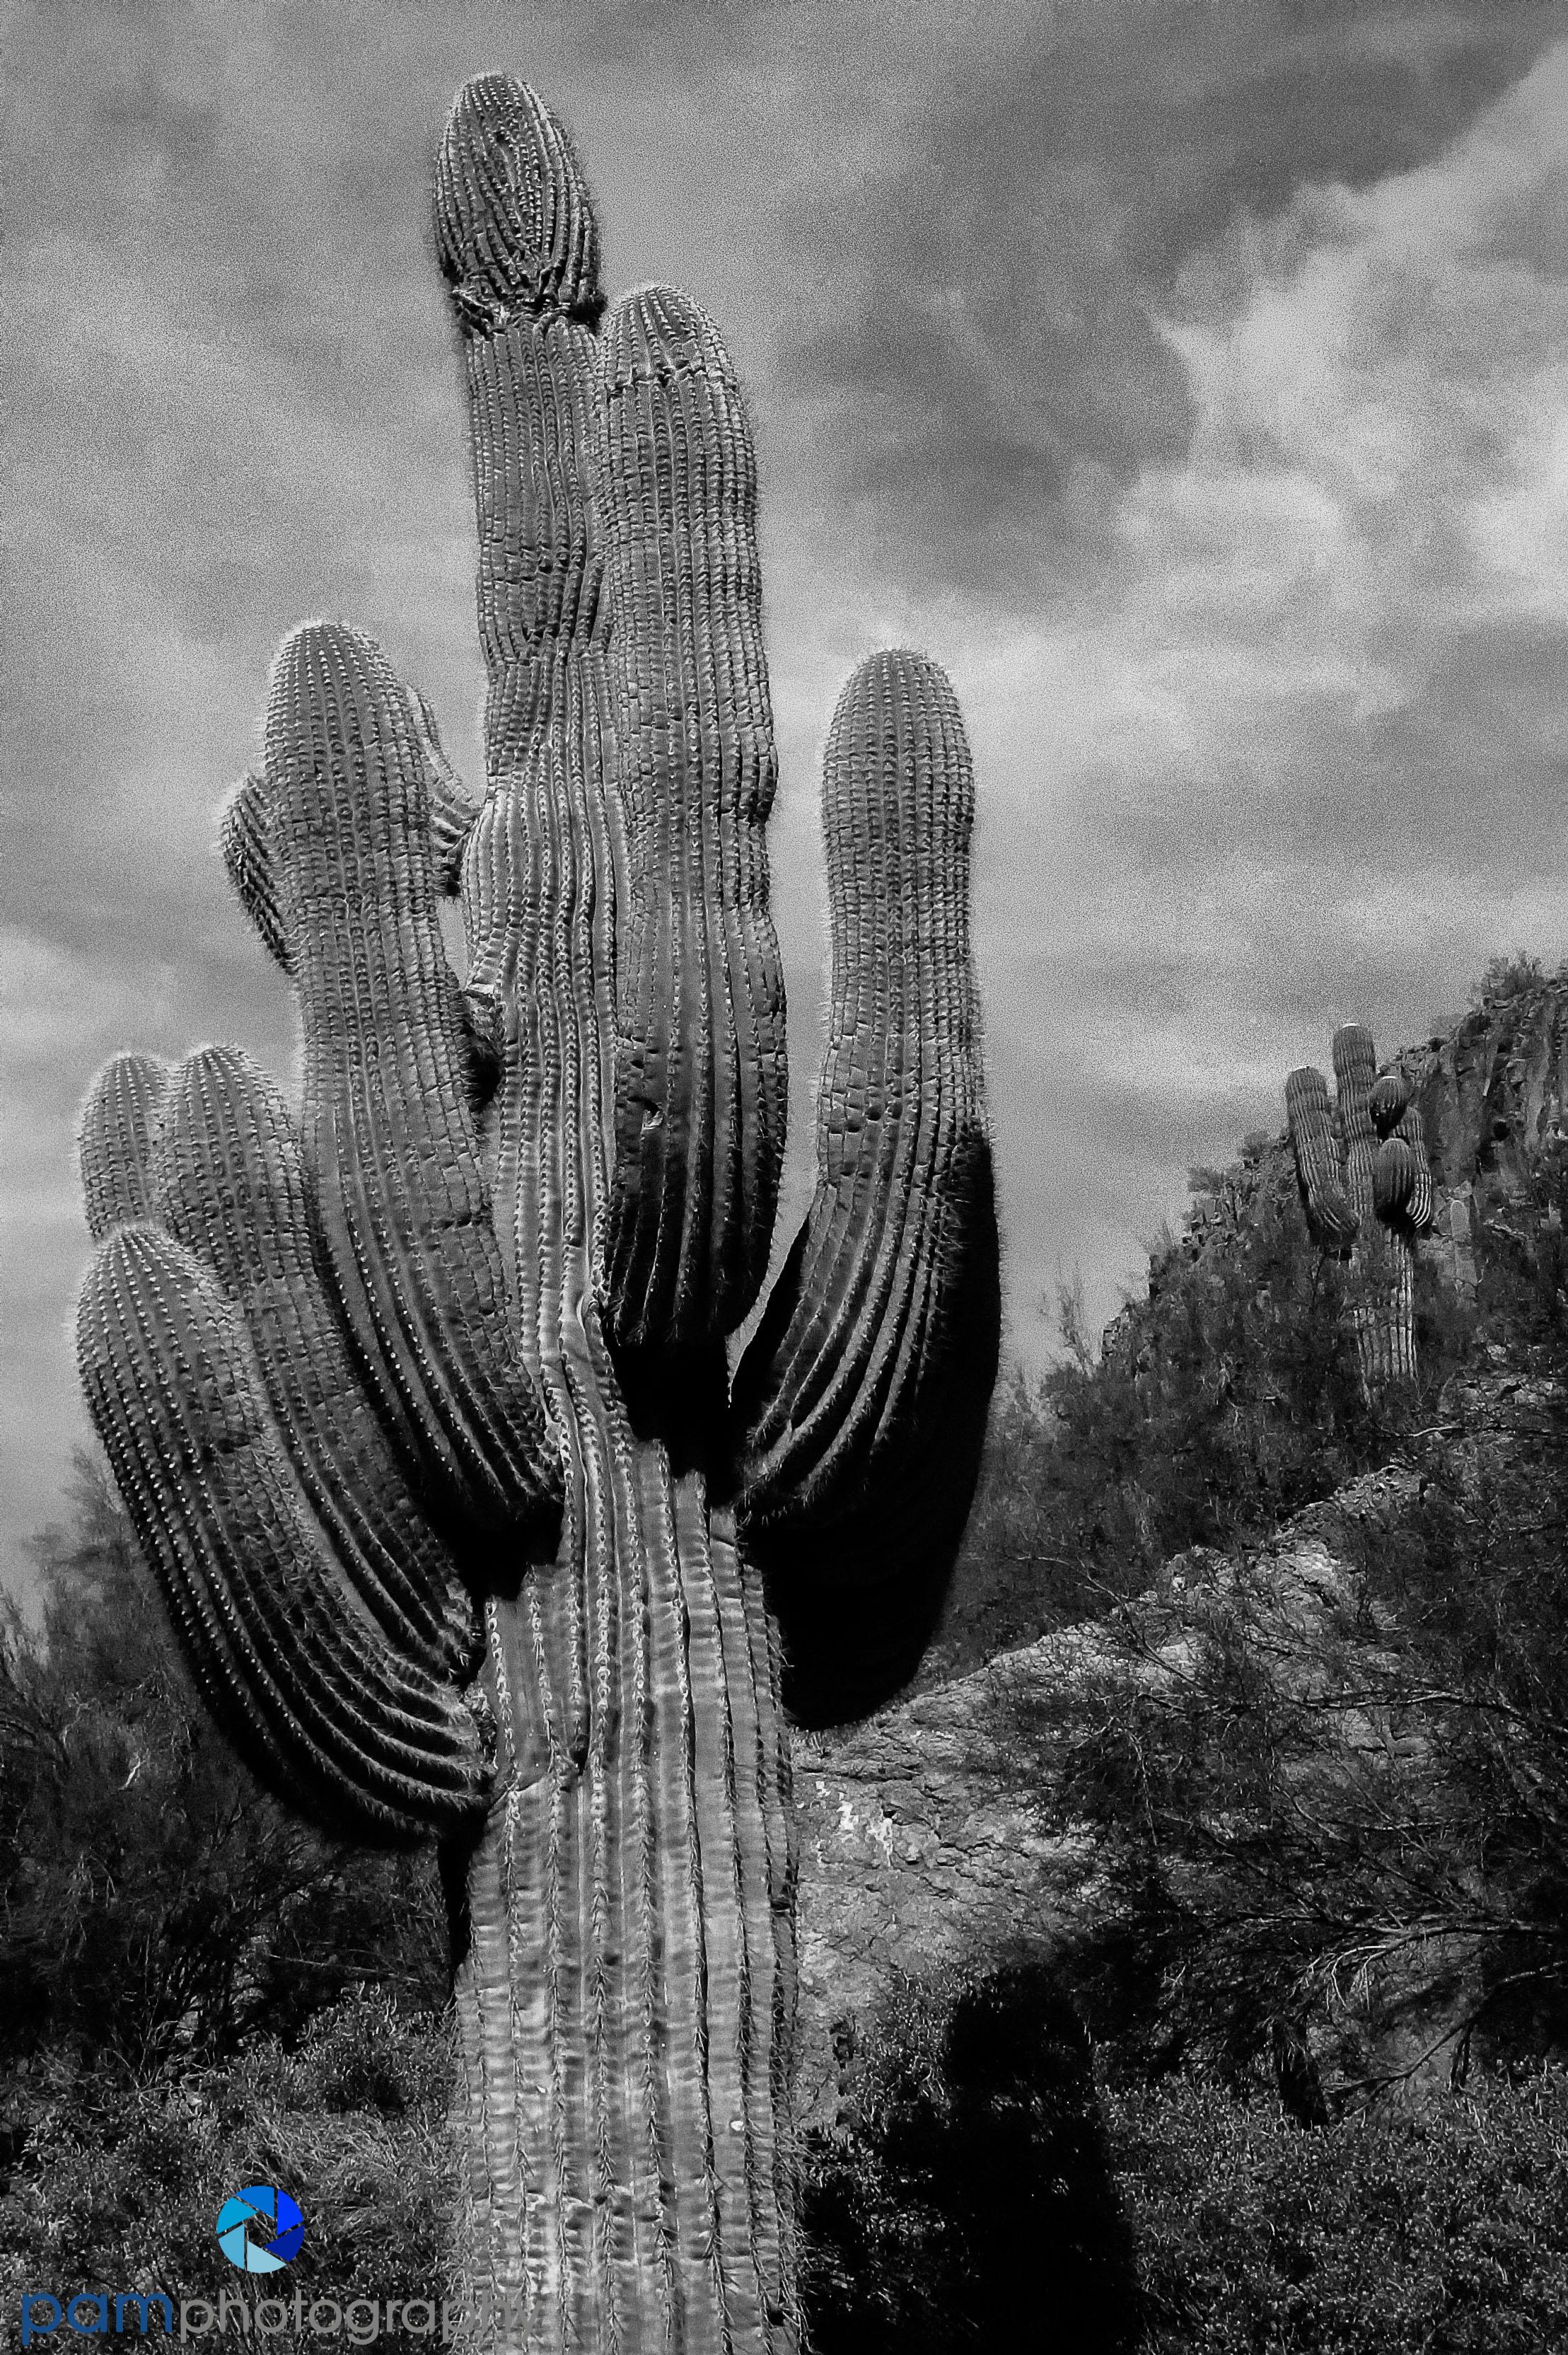 Saguaro in Scottsdale, AZ